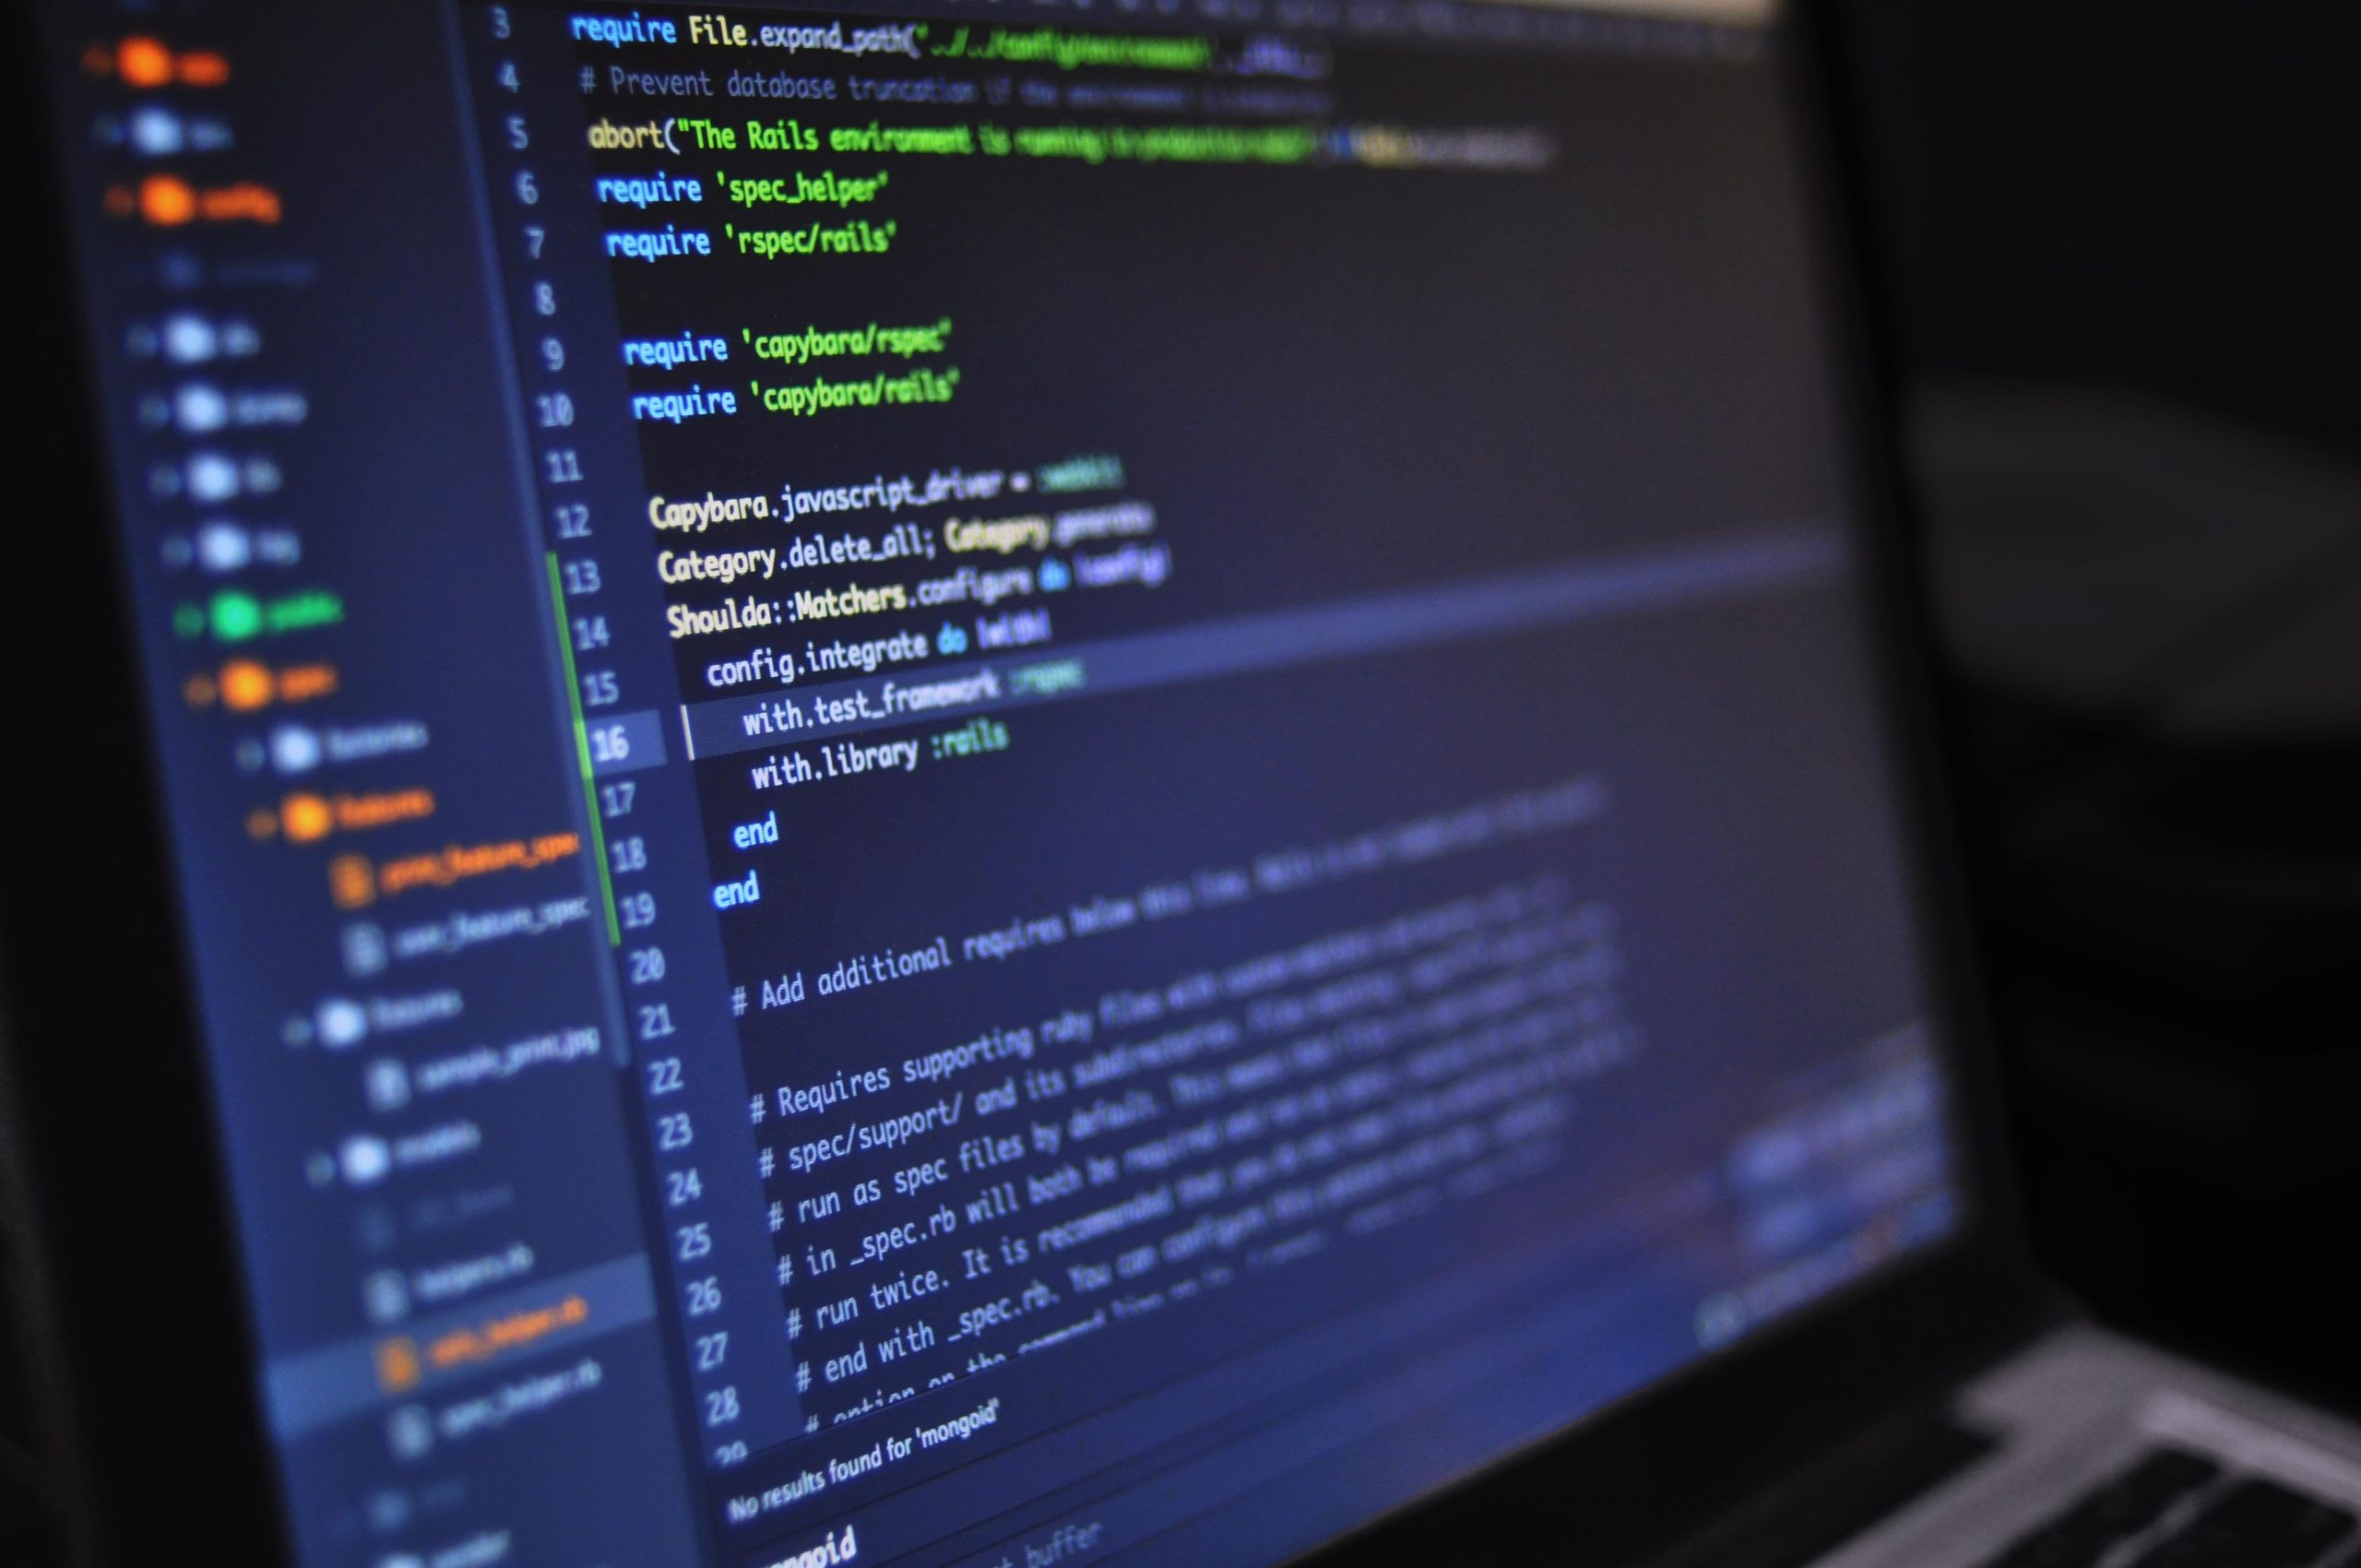 Codeignitor development services